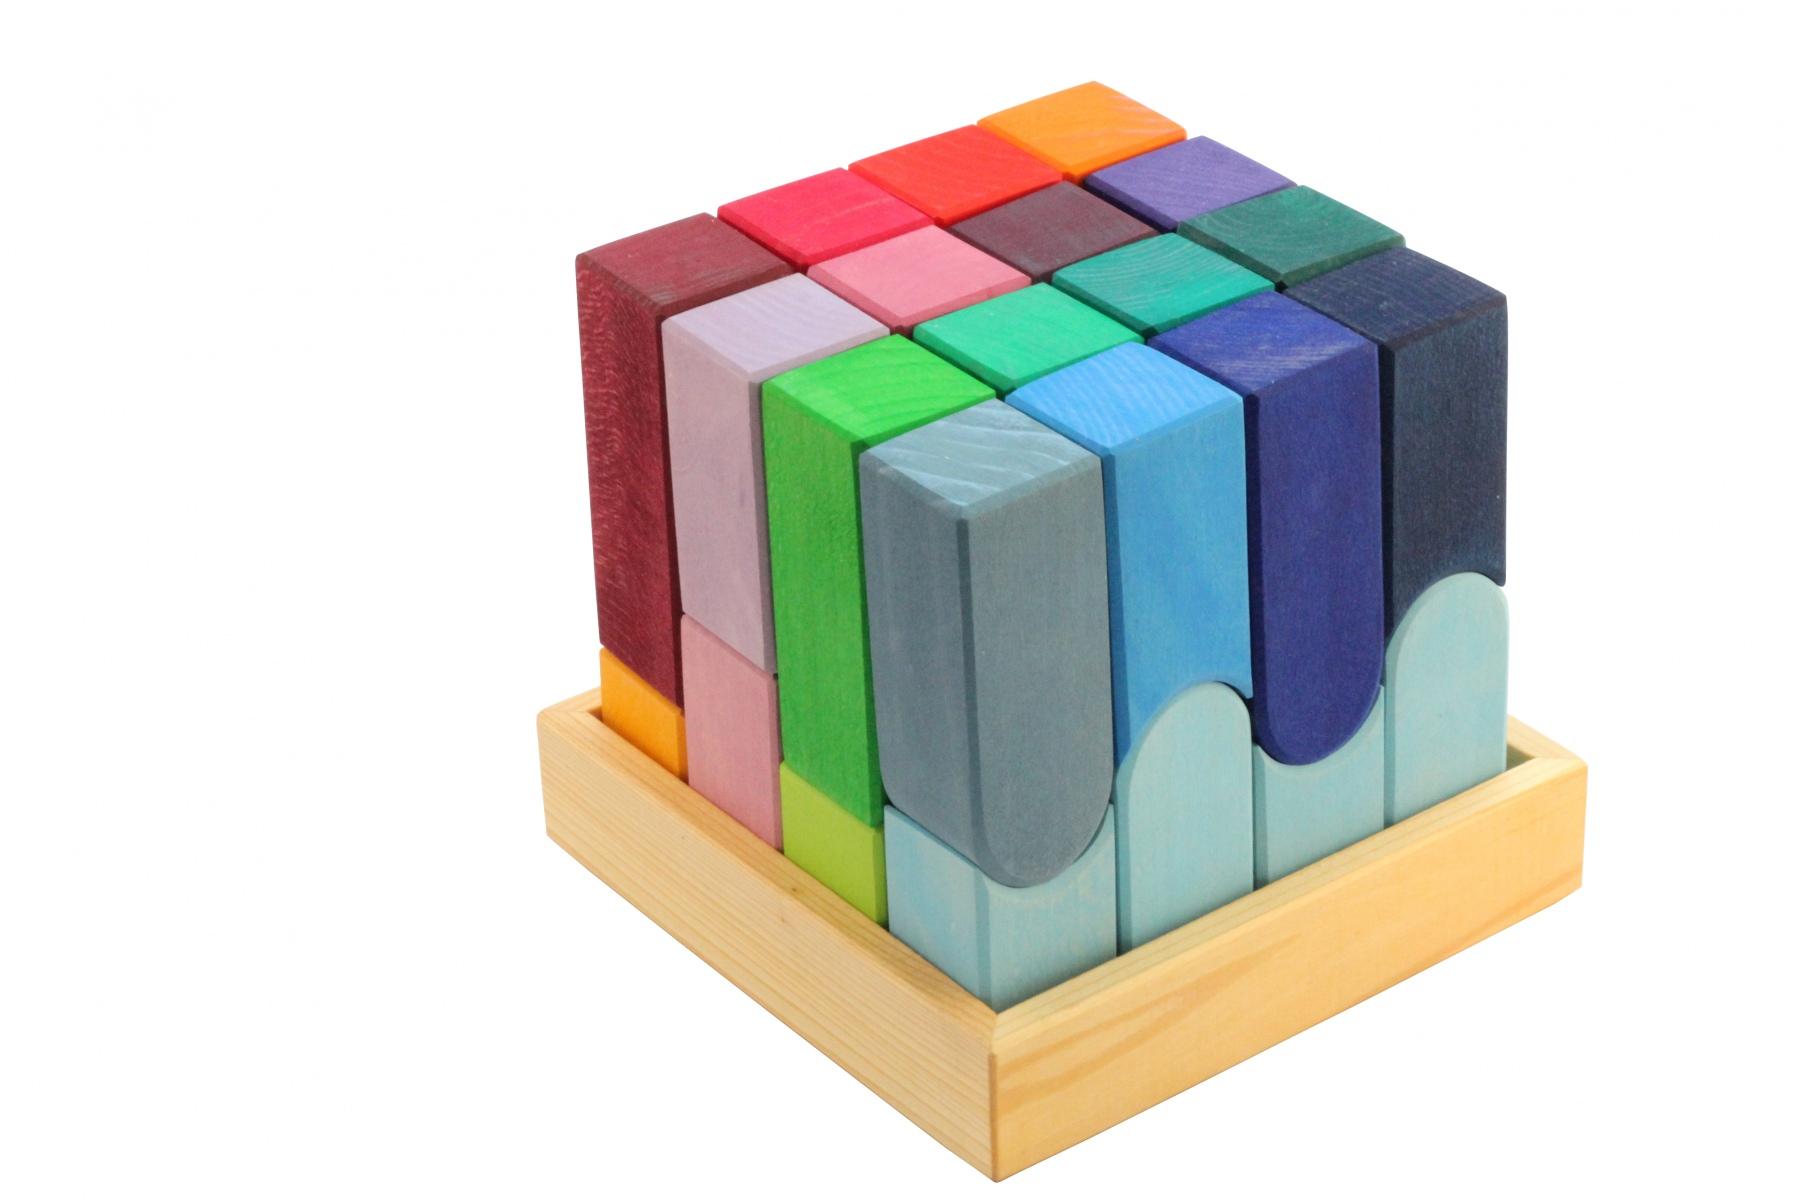 cube en bois couleurville jouets grimm 39 s. Black Bedroom Furniture Sets. Home Design Ideas